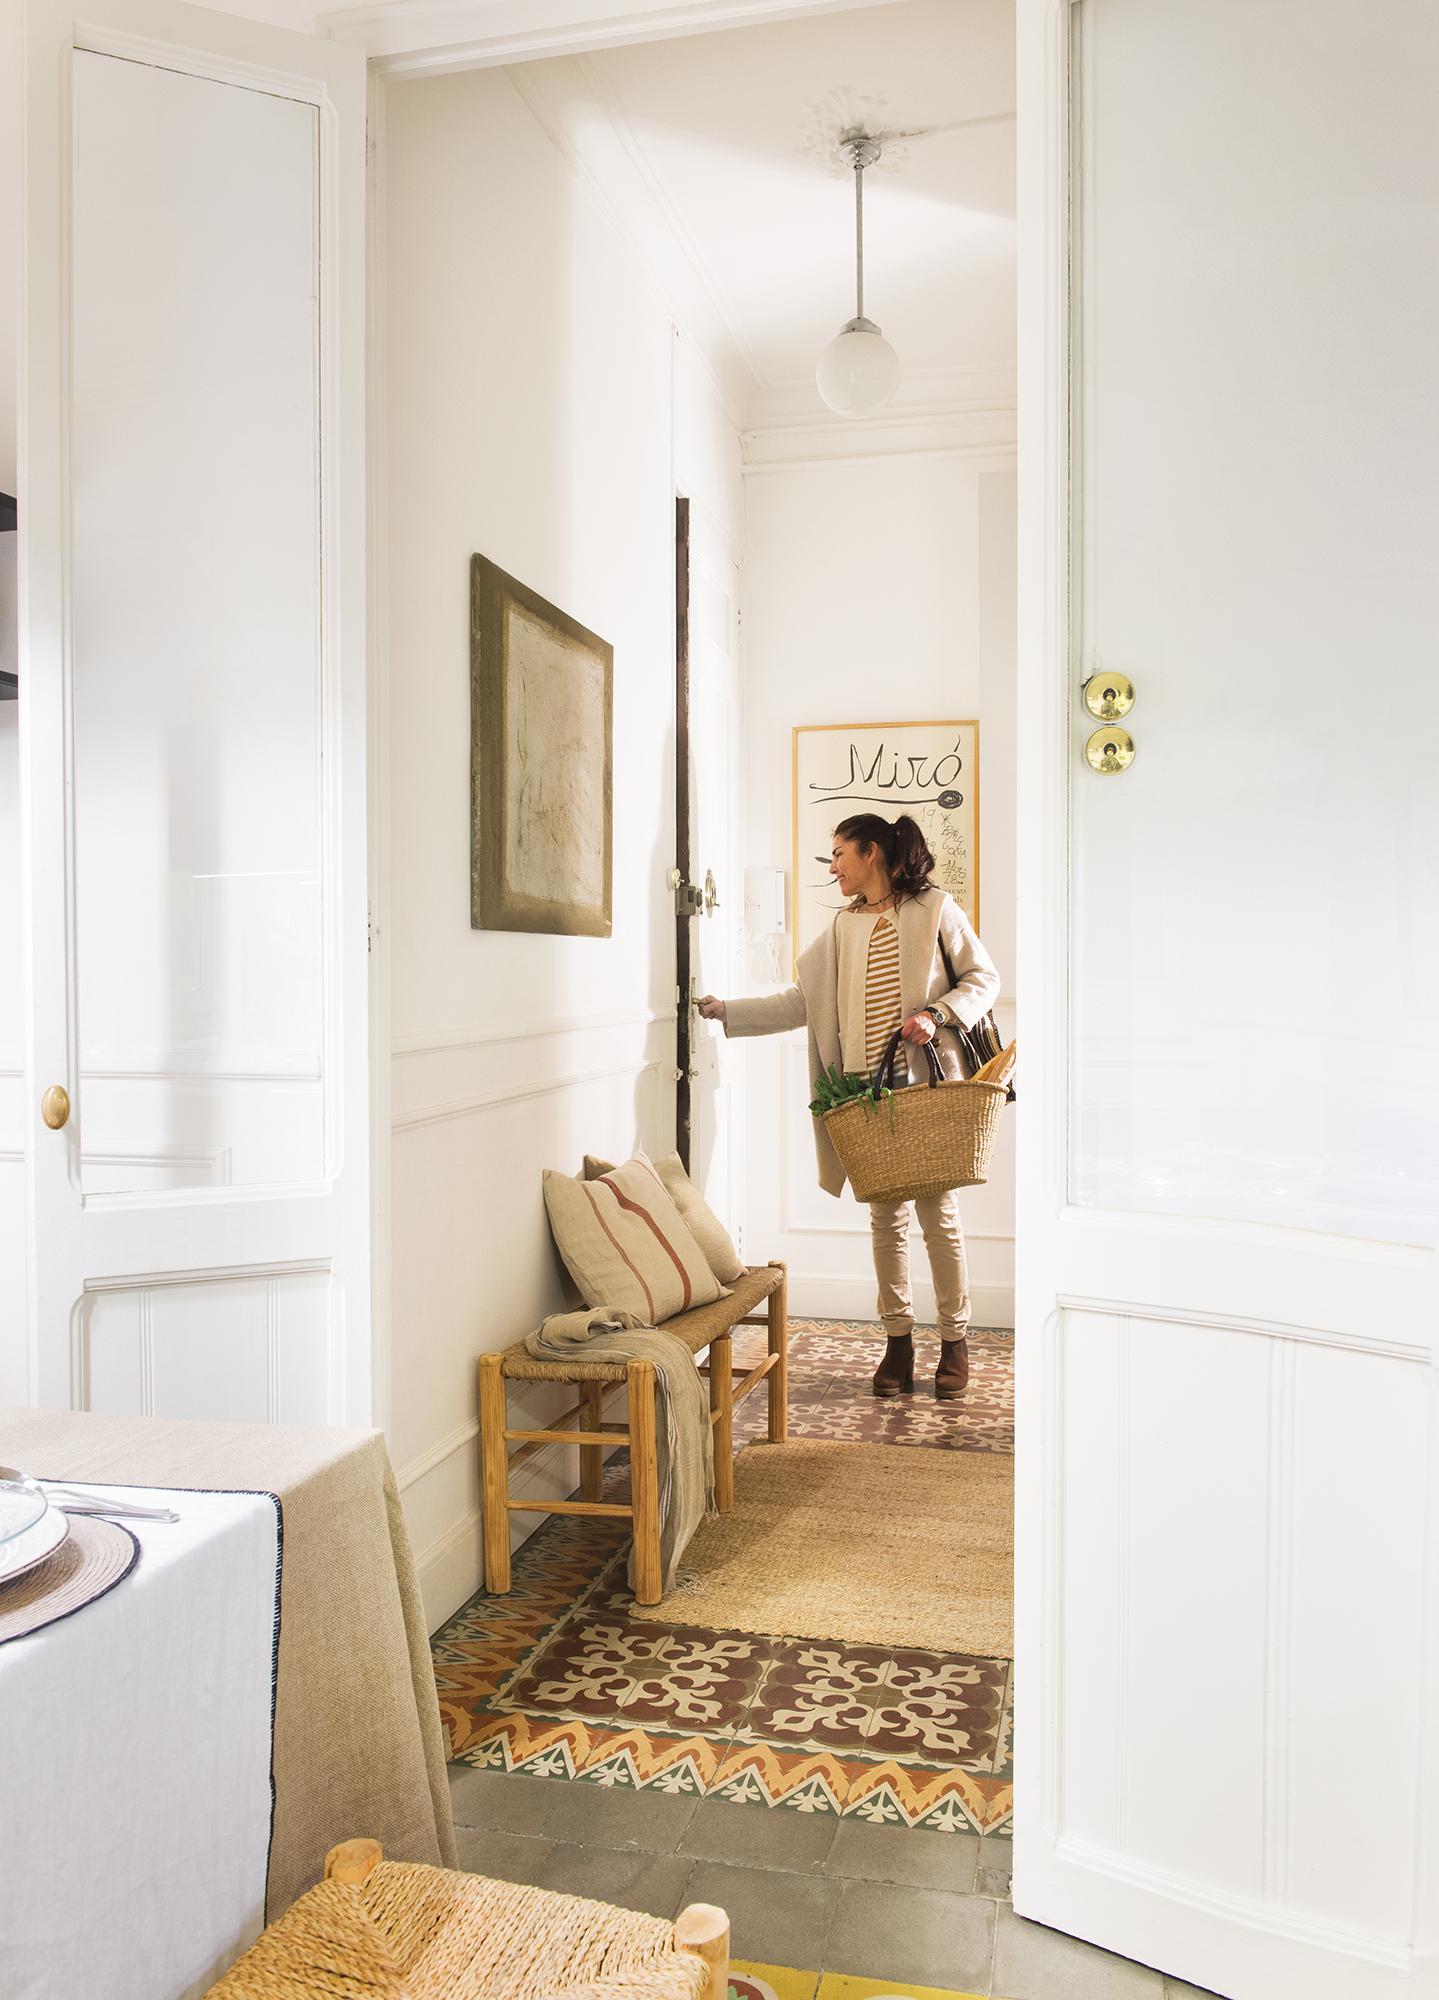 La cocina en la entrada fue la soluci n a esta casa peque a for Decorar piso senorial